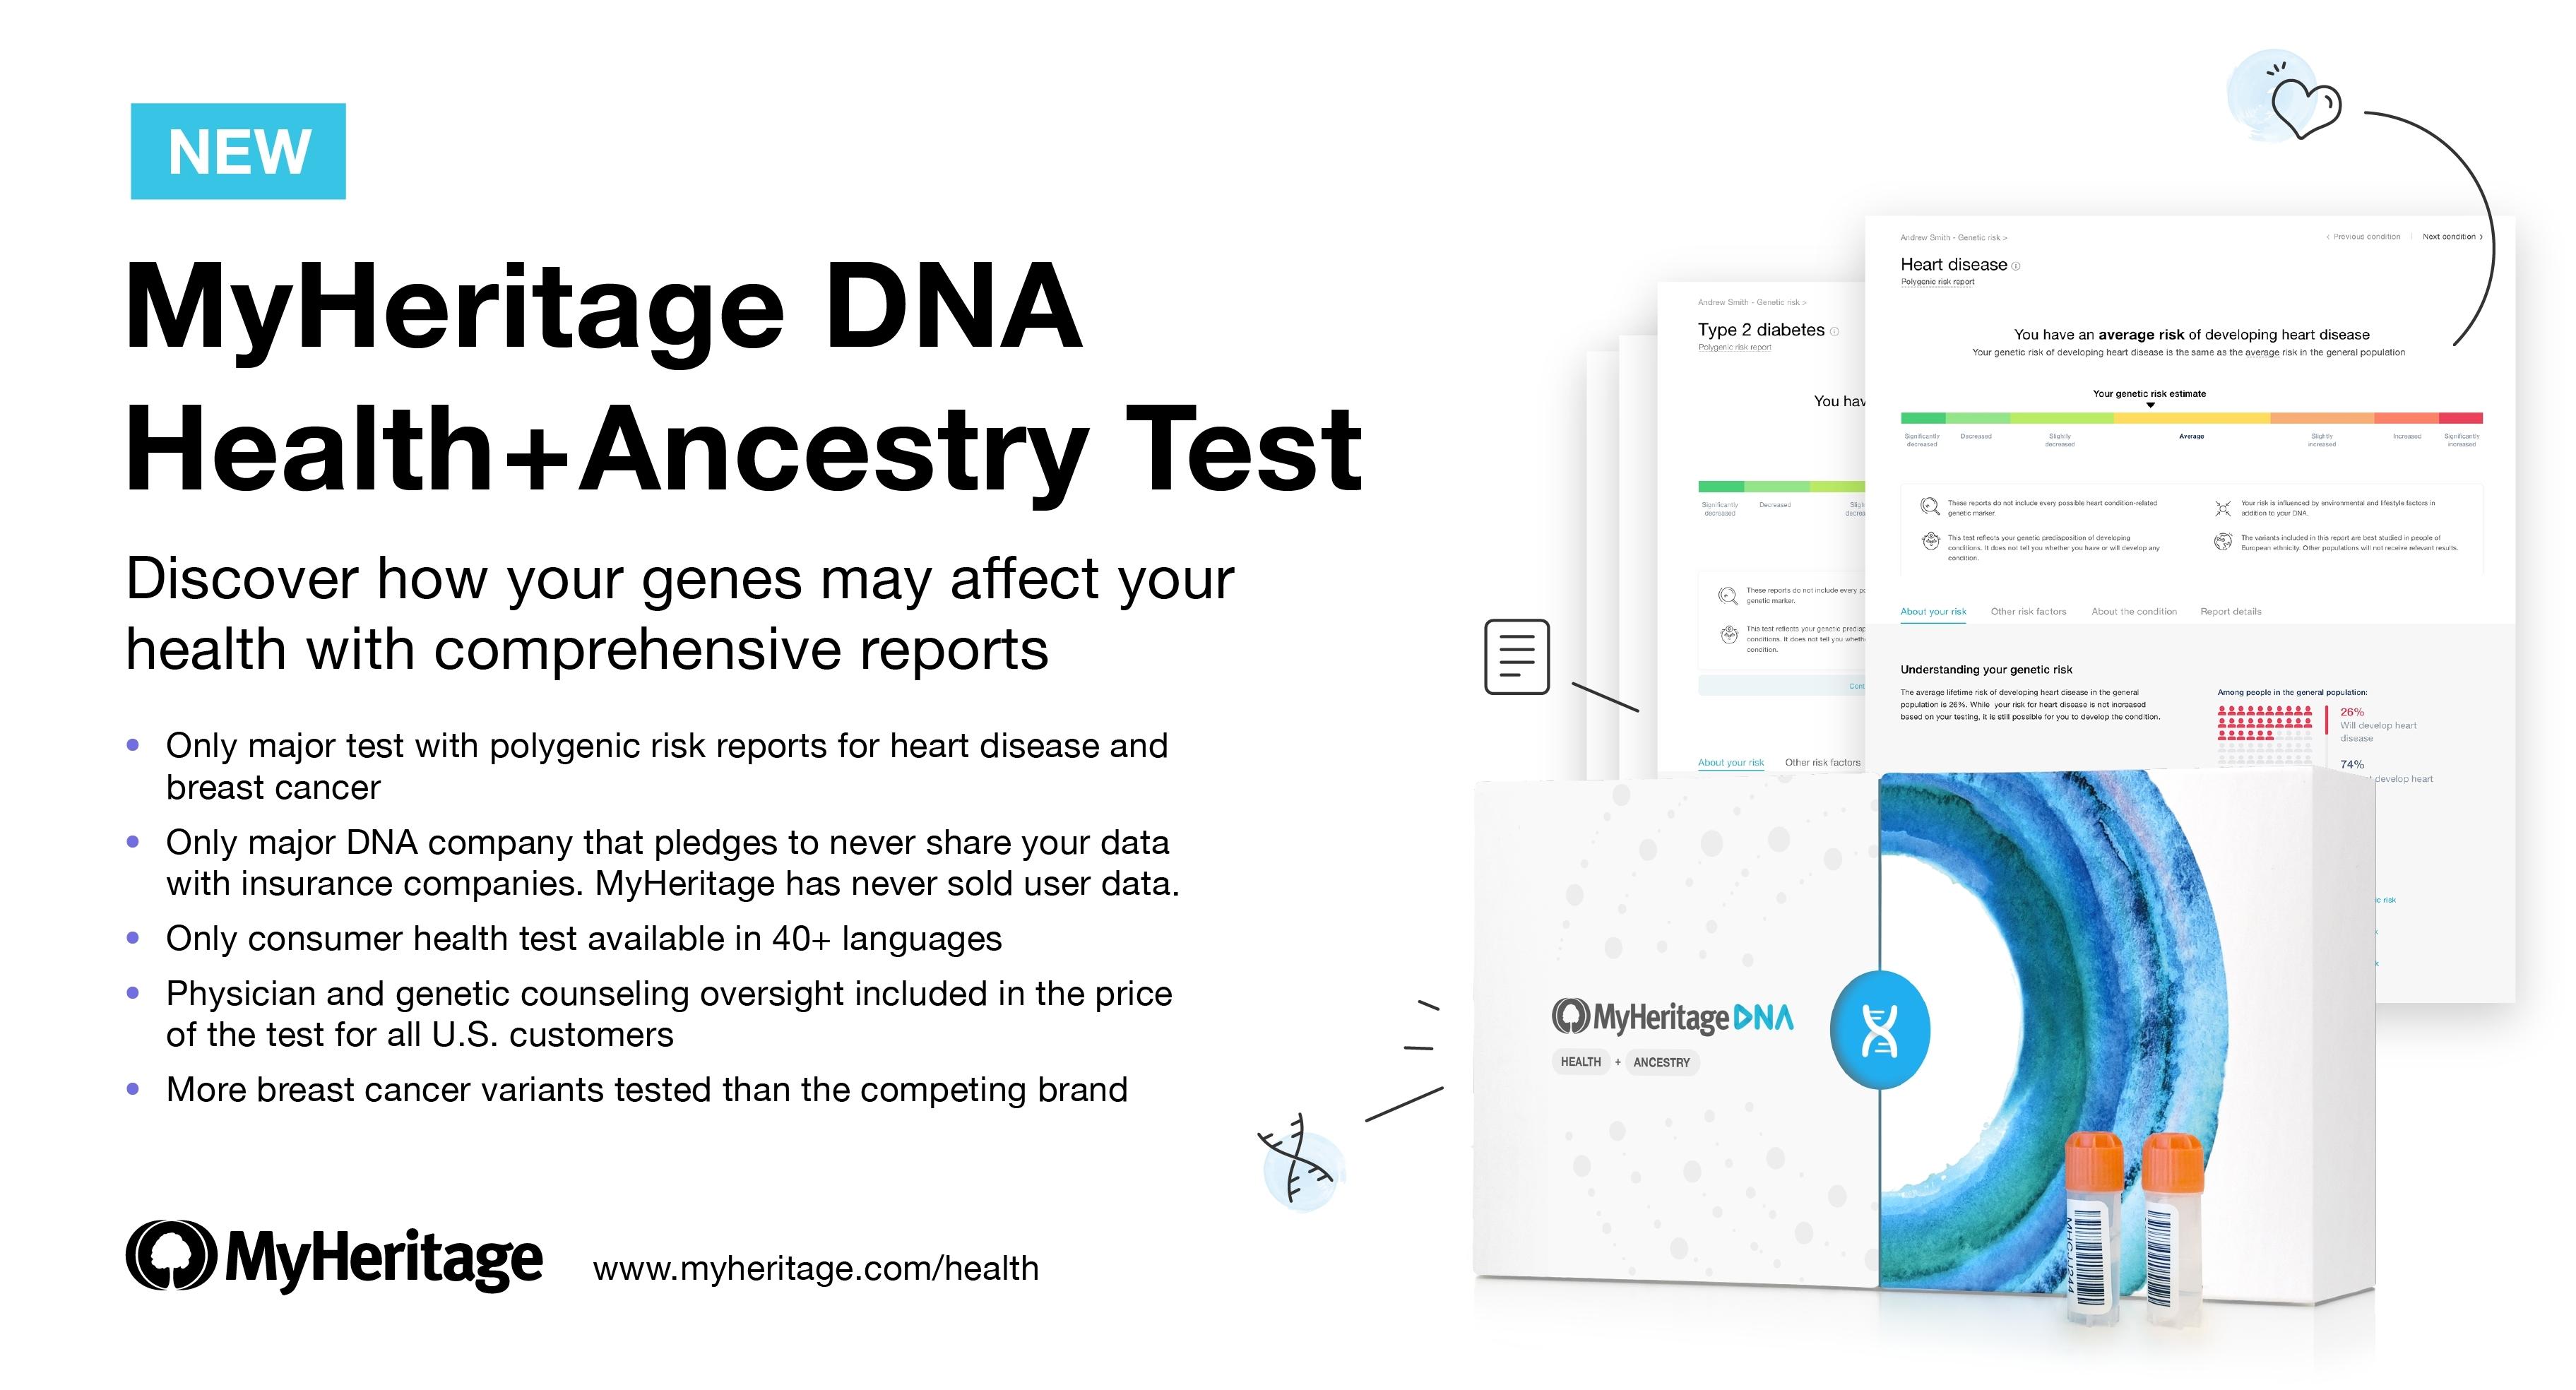 79c4830af06 MyHeritage udvider til sundhedsområdet og lancerer ny DNA-test, der ...